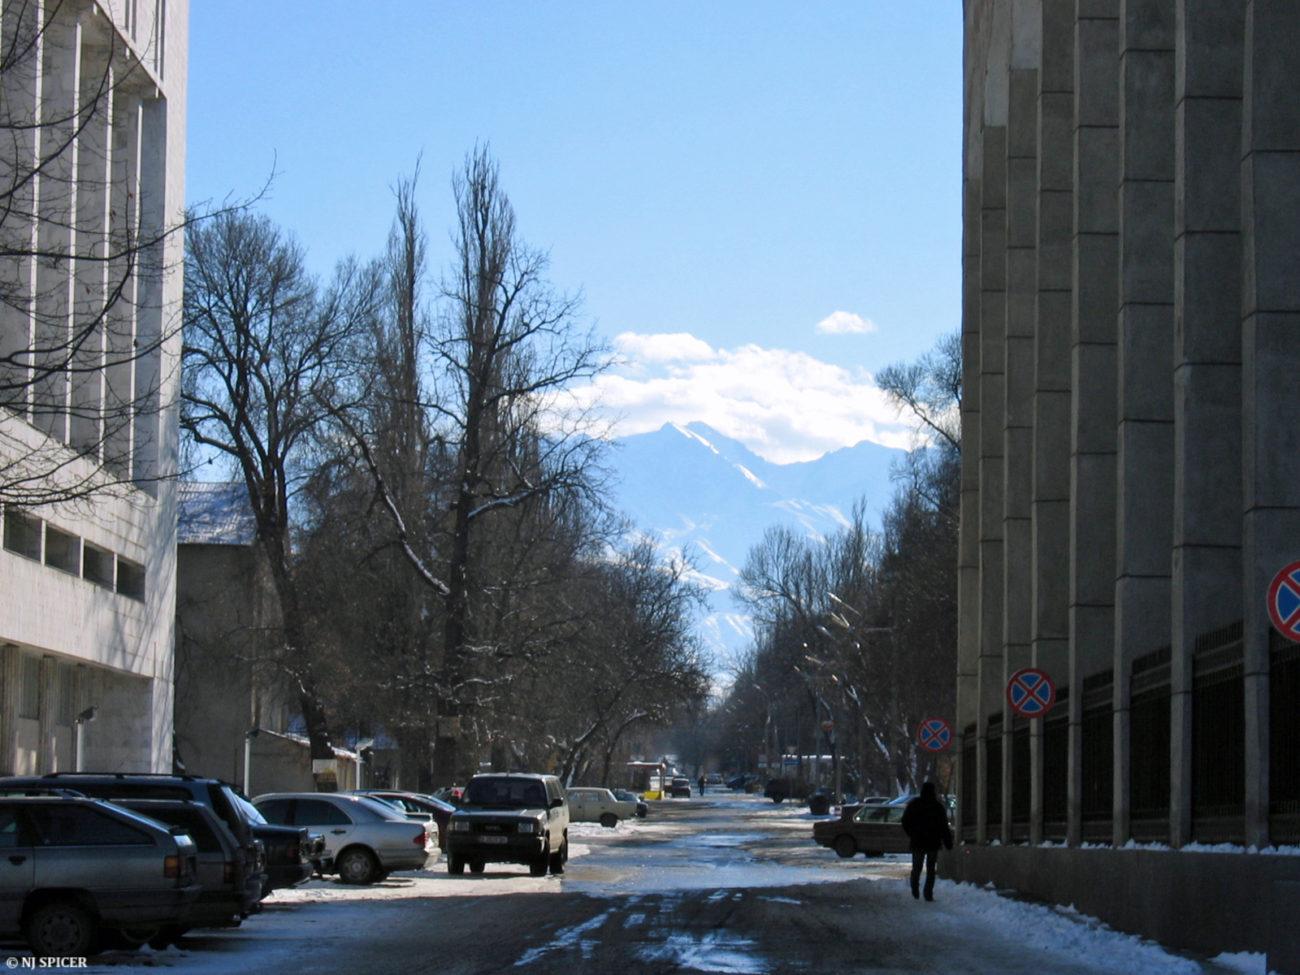 Bichkek Montagne Kirghizstan Environnement Rue Ville Capitale